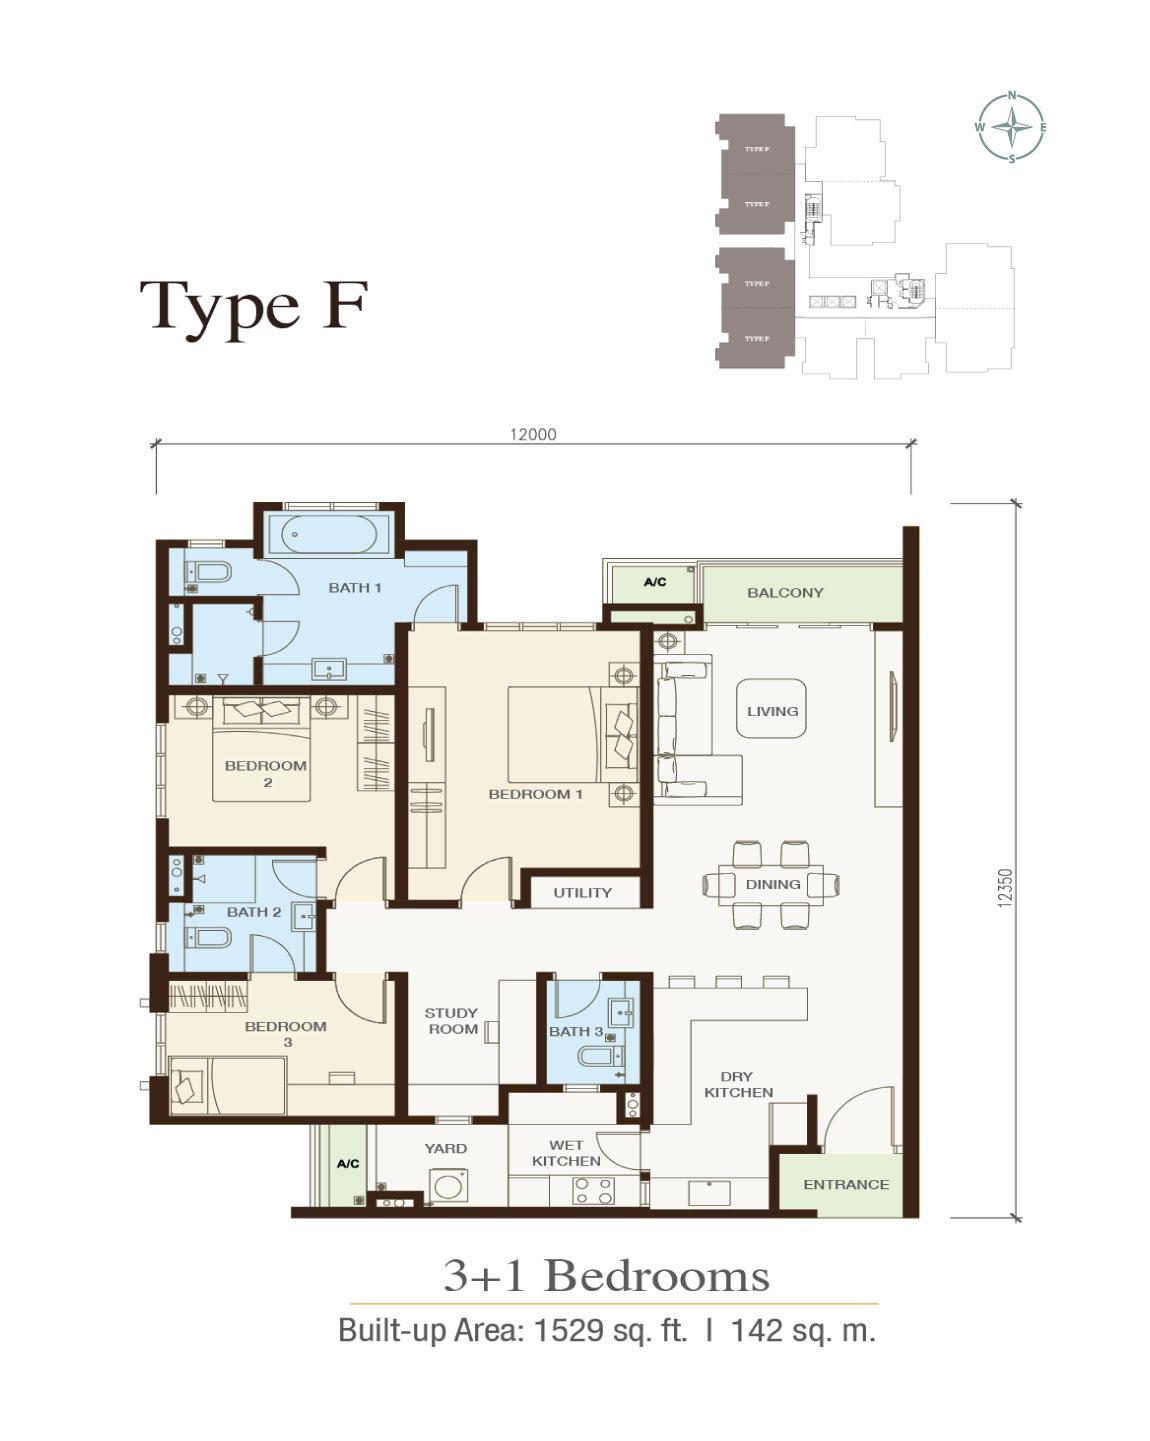 Irama-Wangsa-Condominium-Type E-1,529 sq.ft.-3 bedrooms